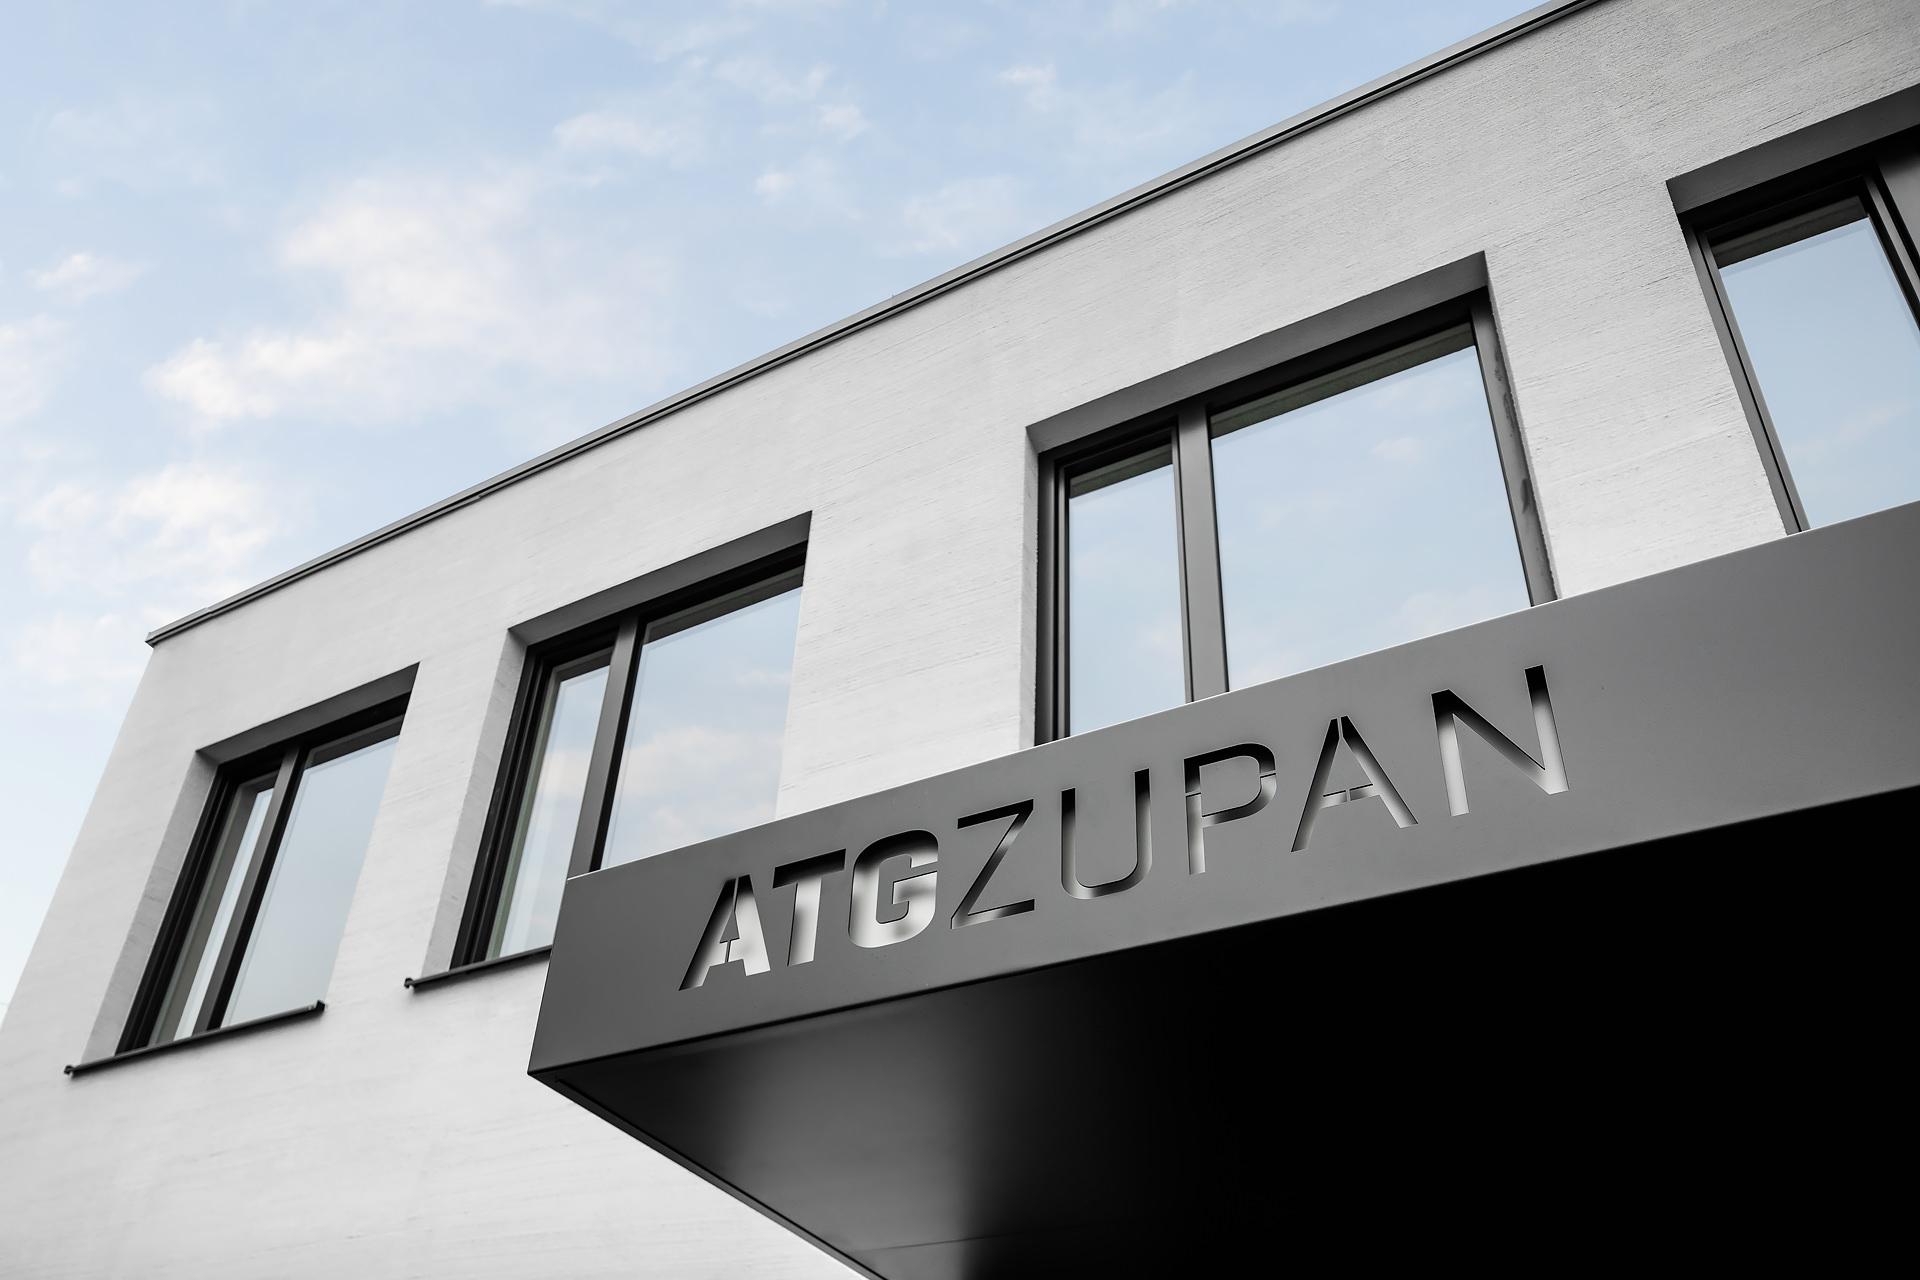 ATG-Zupan-198